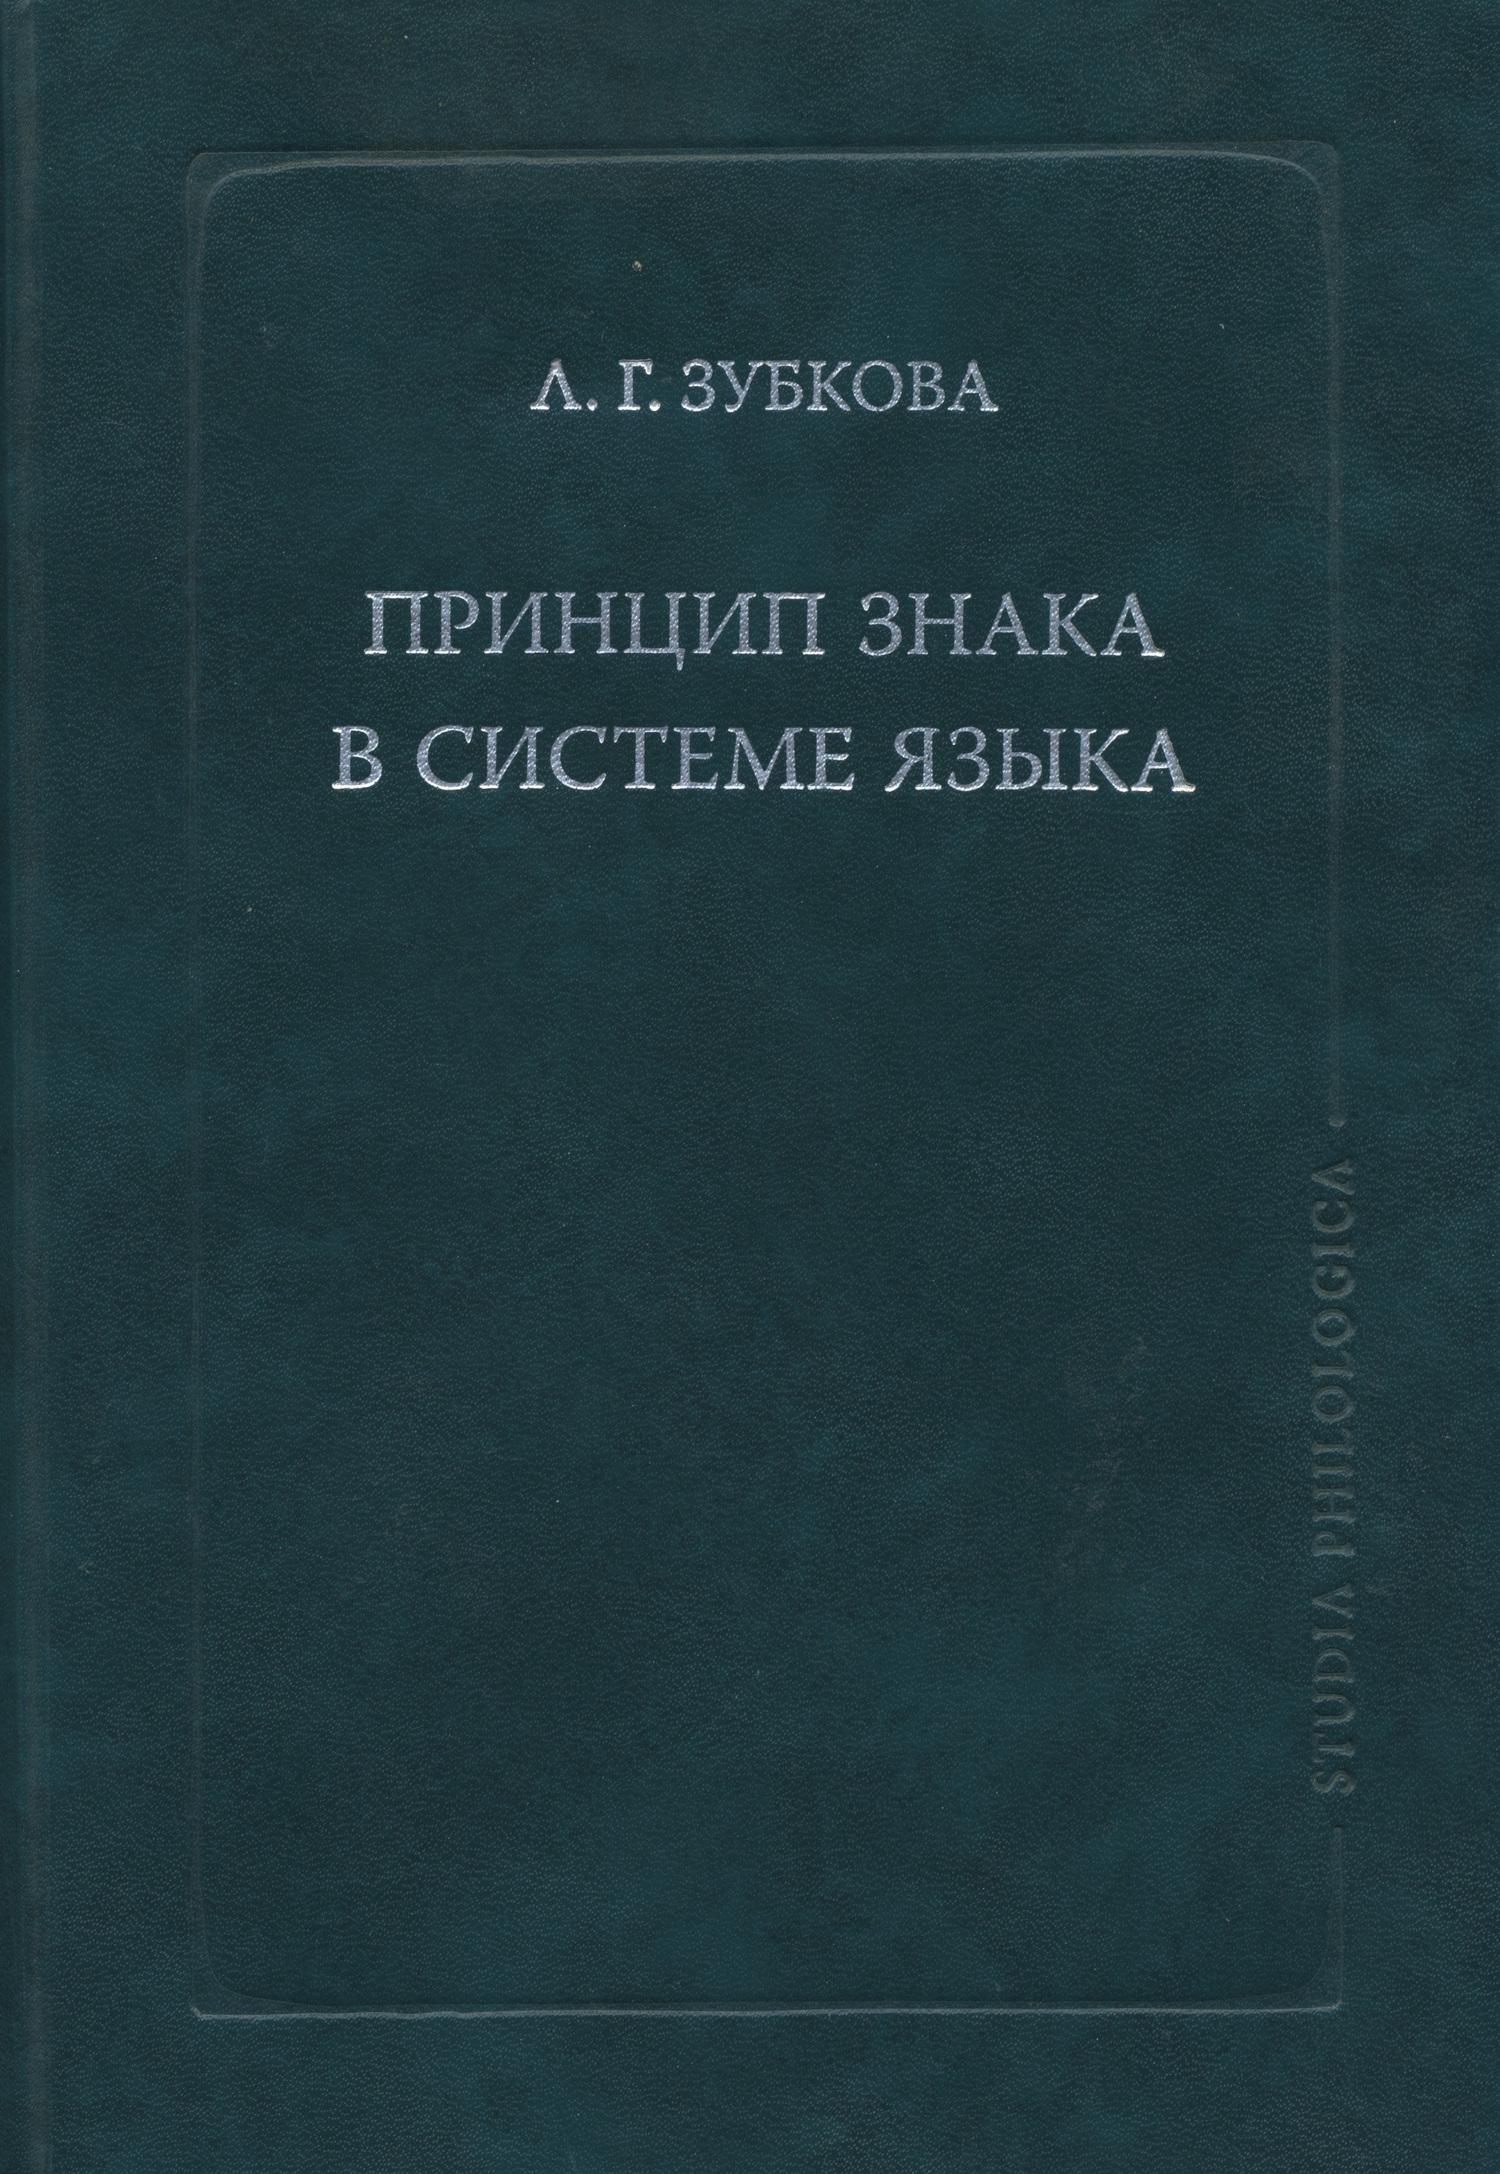 Л. Г. Зубкова бесплатно